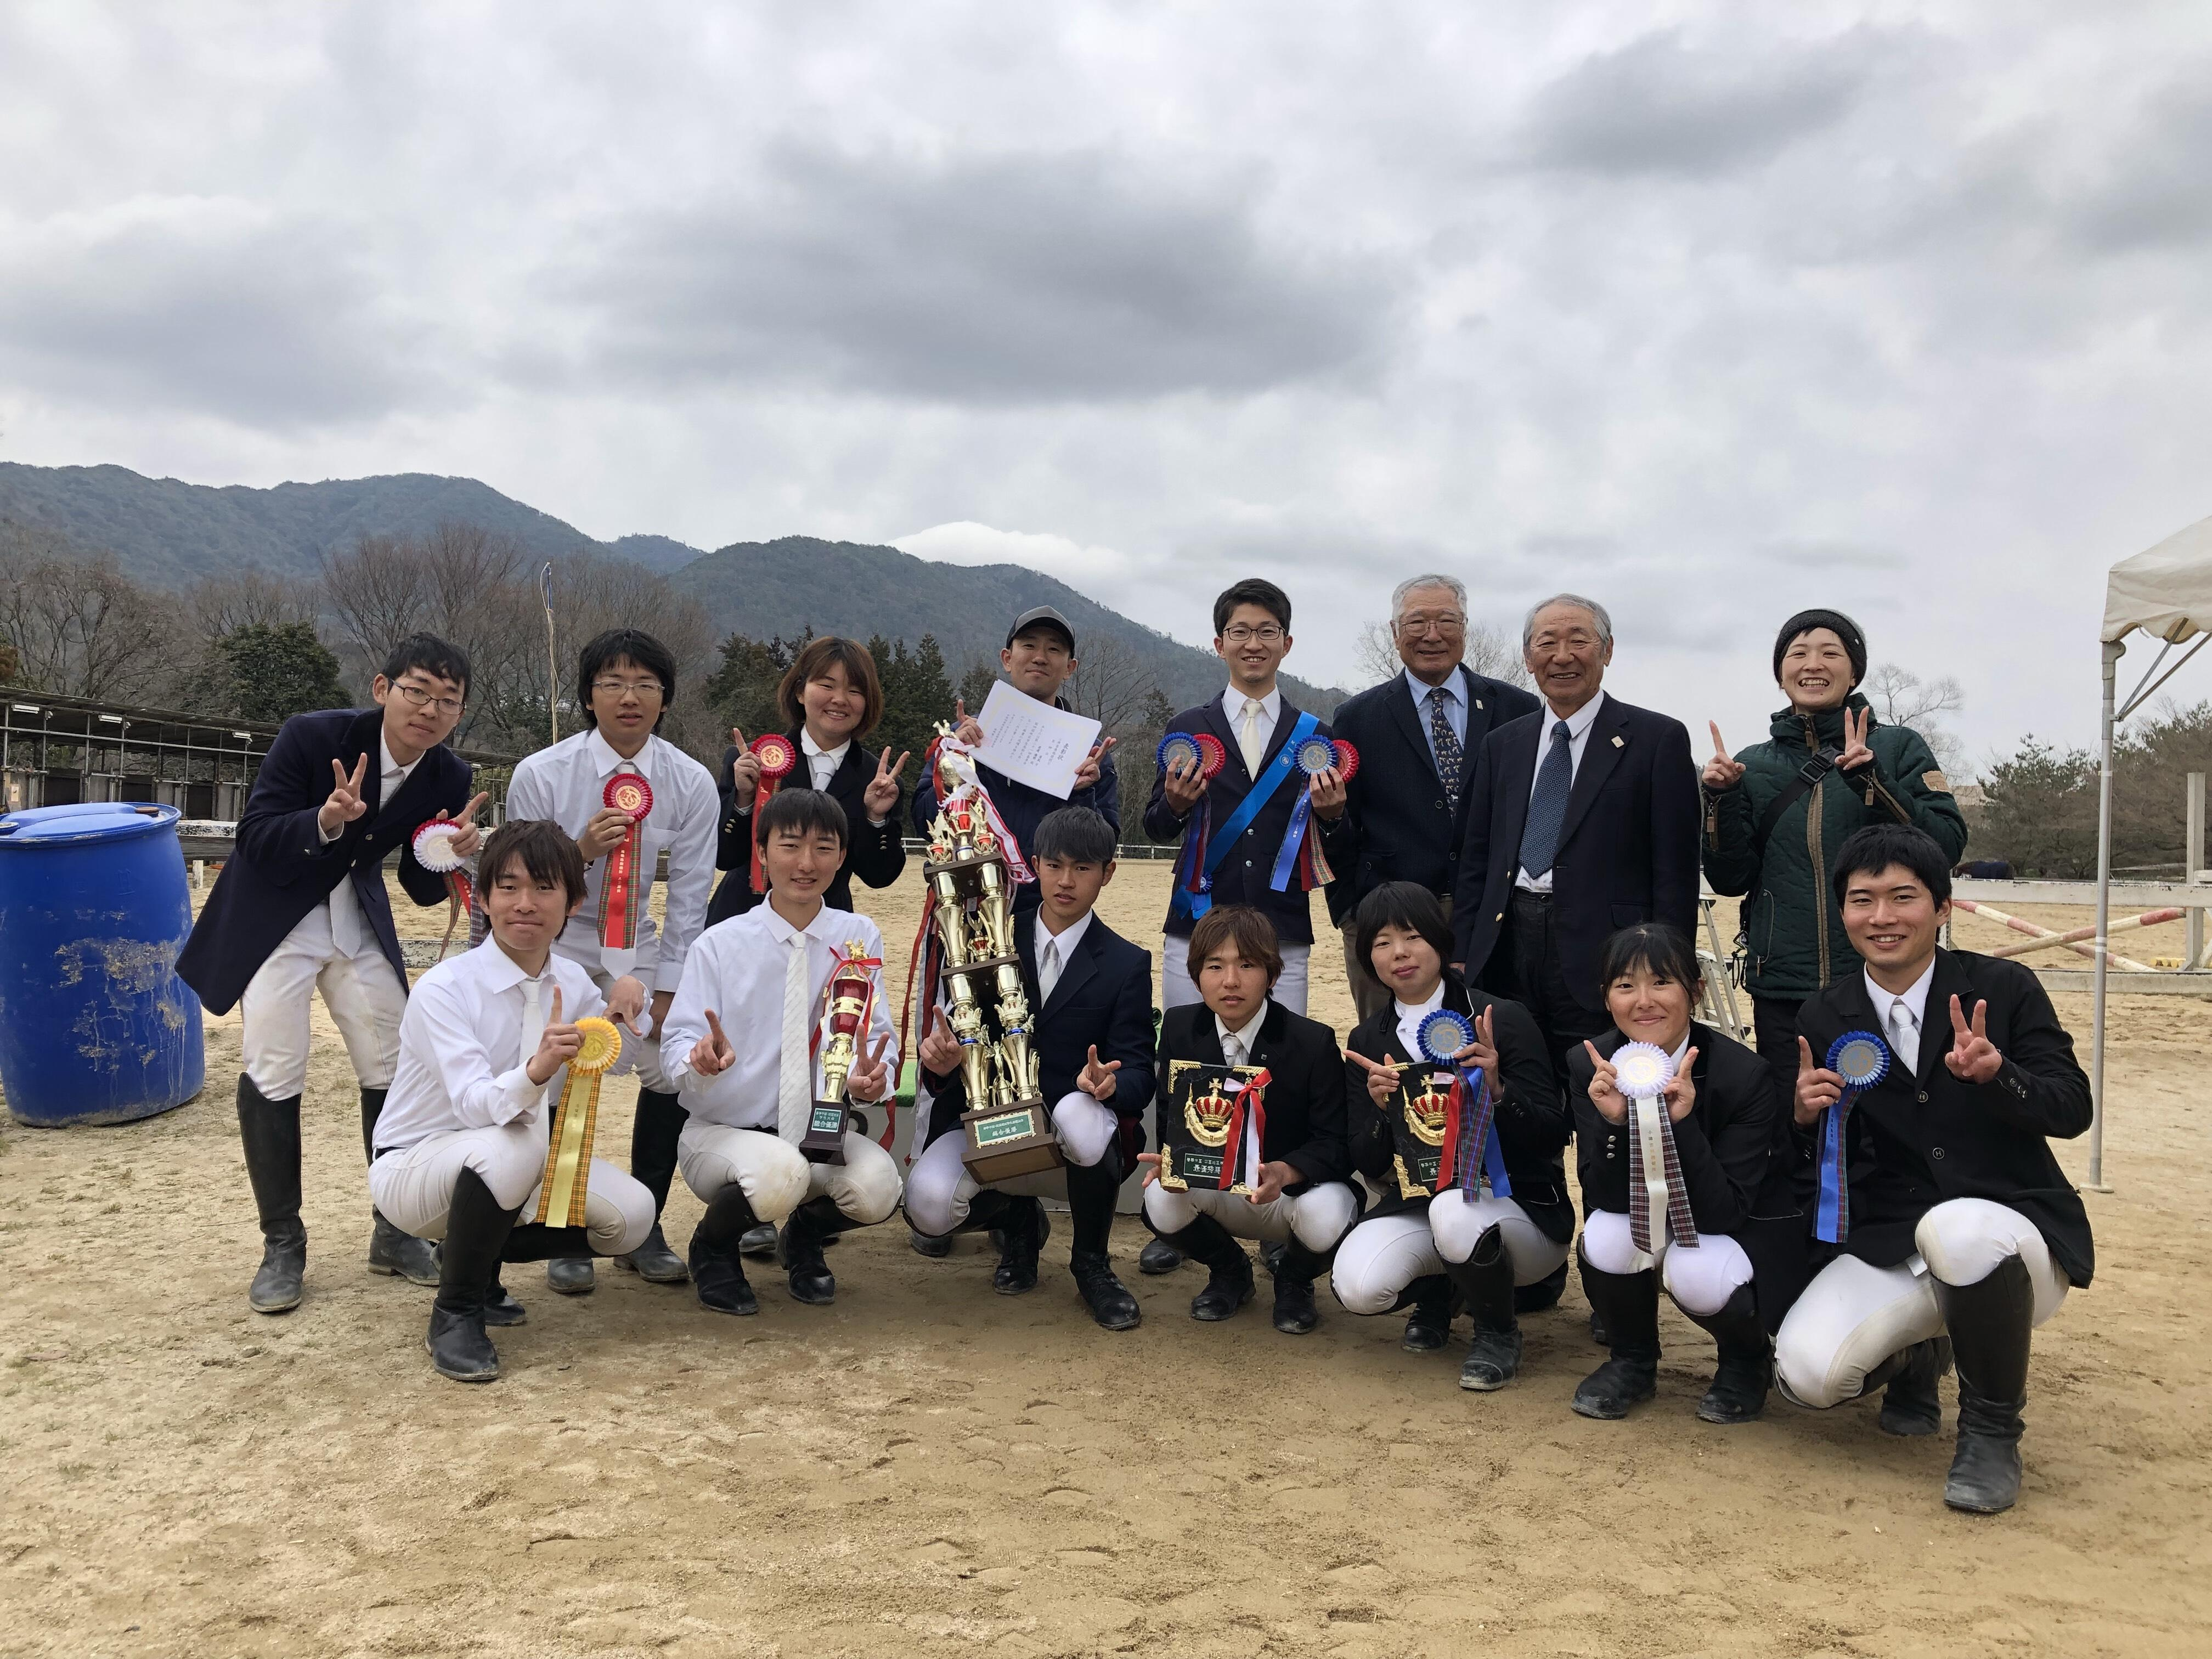 春季大会12連覇【広島大学体育会馬術部】